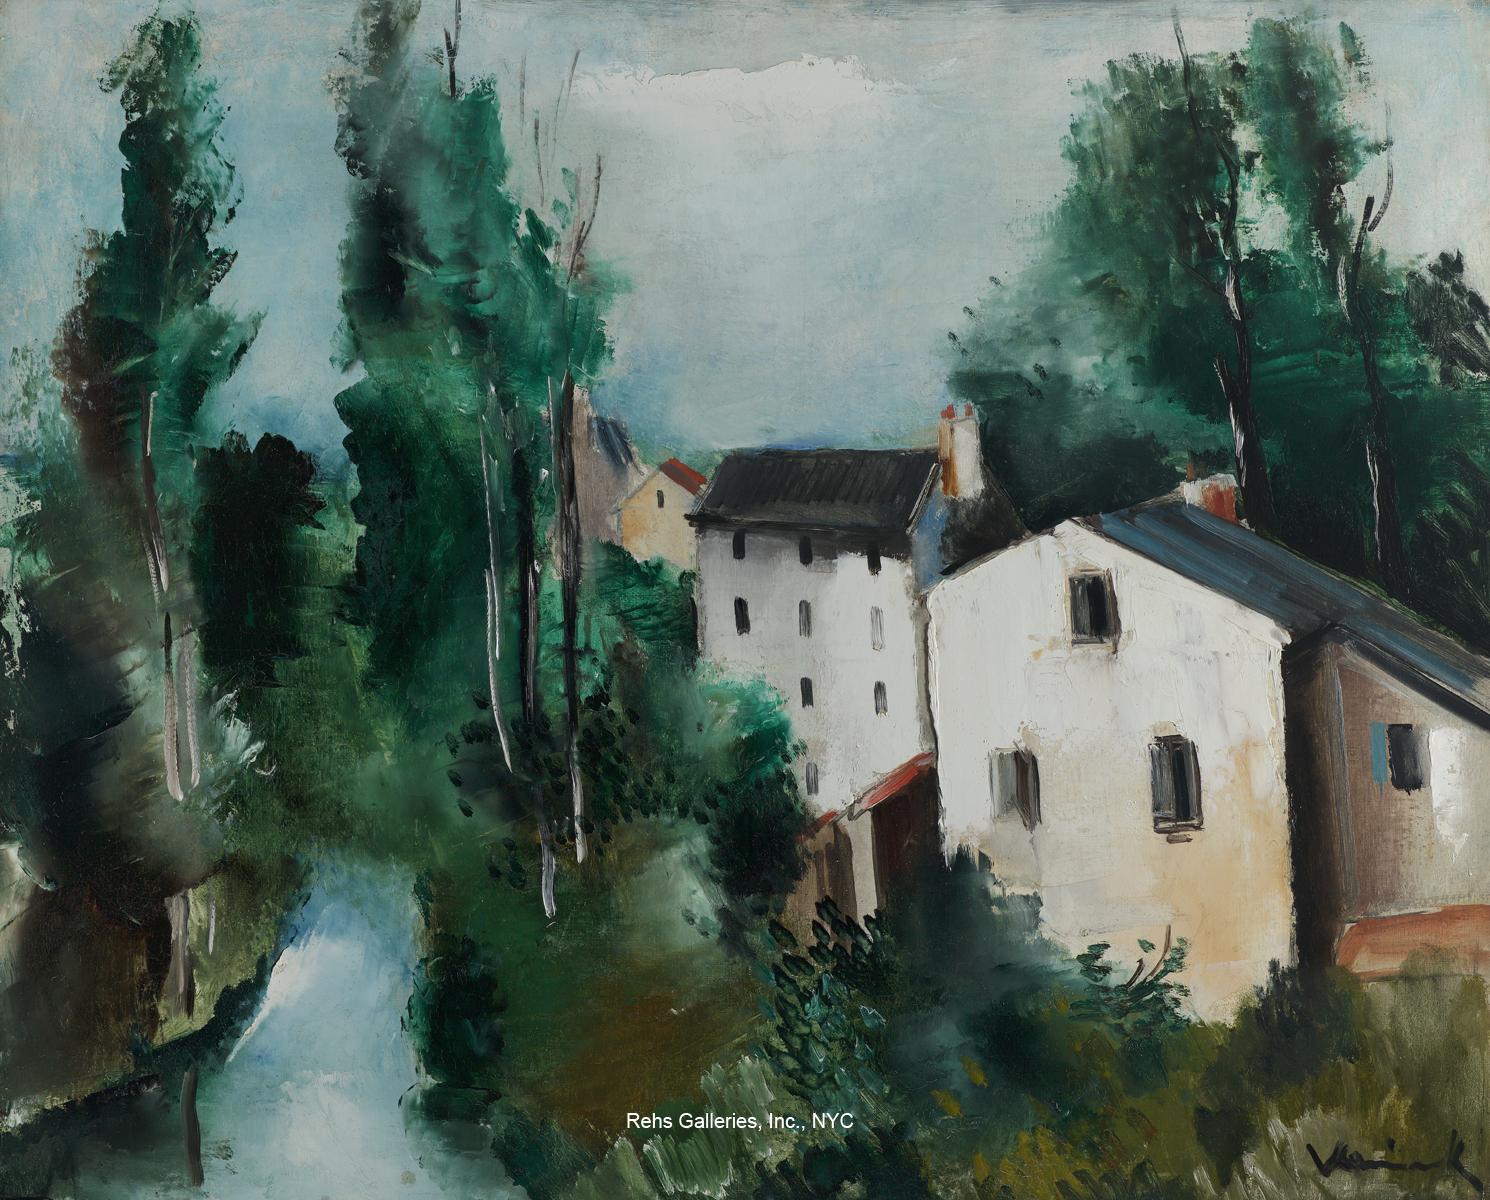 maurice_de_vlaminck_e1154_maisons_au_bord_de_la_riviere_wm.jpg